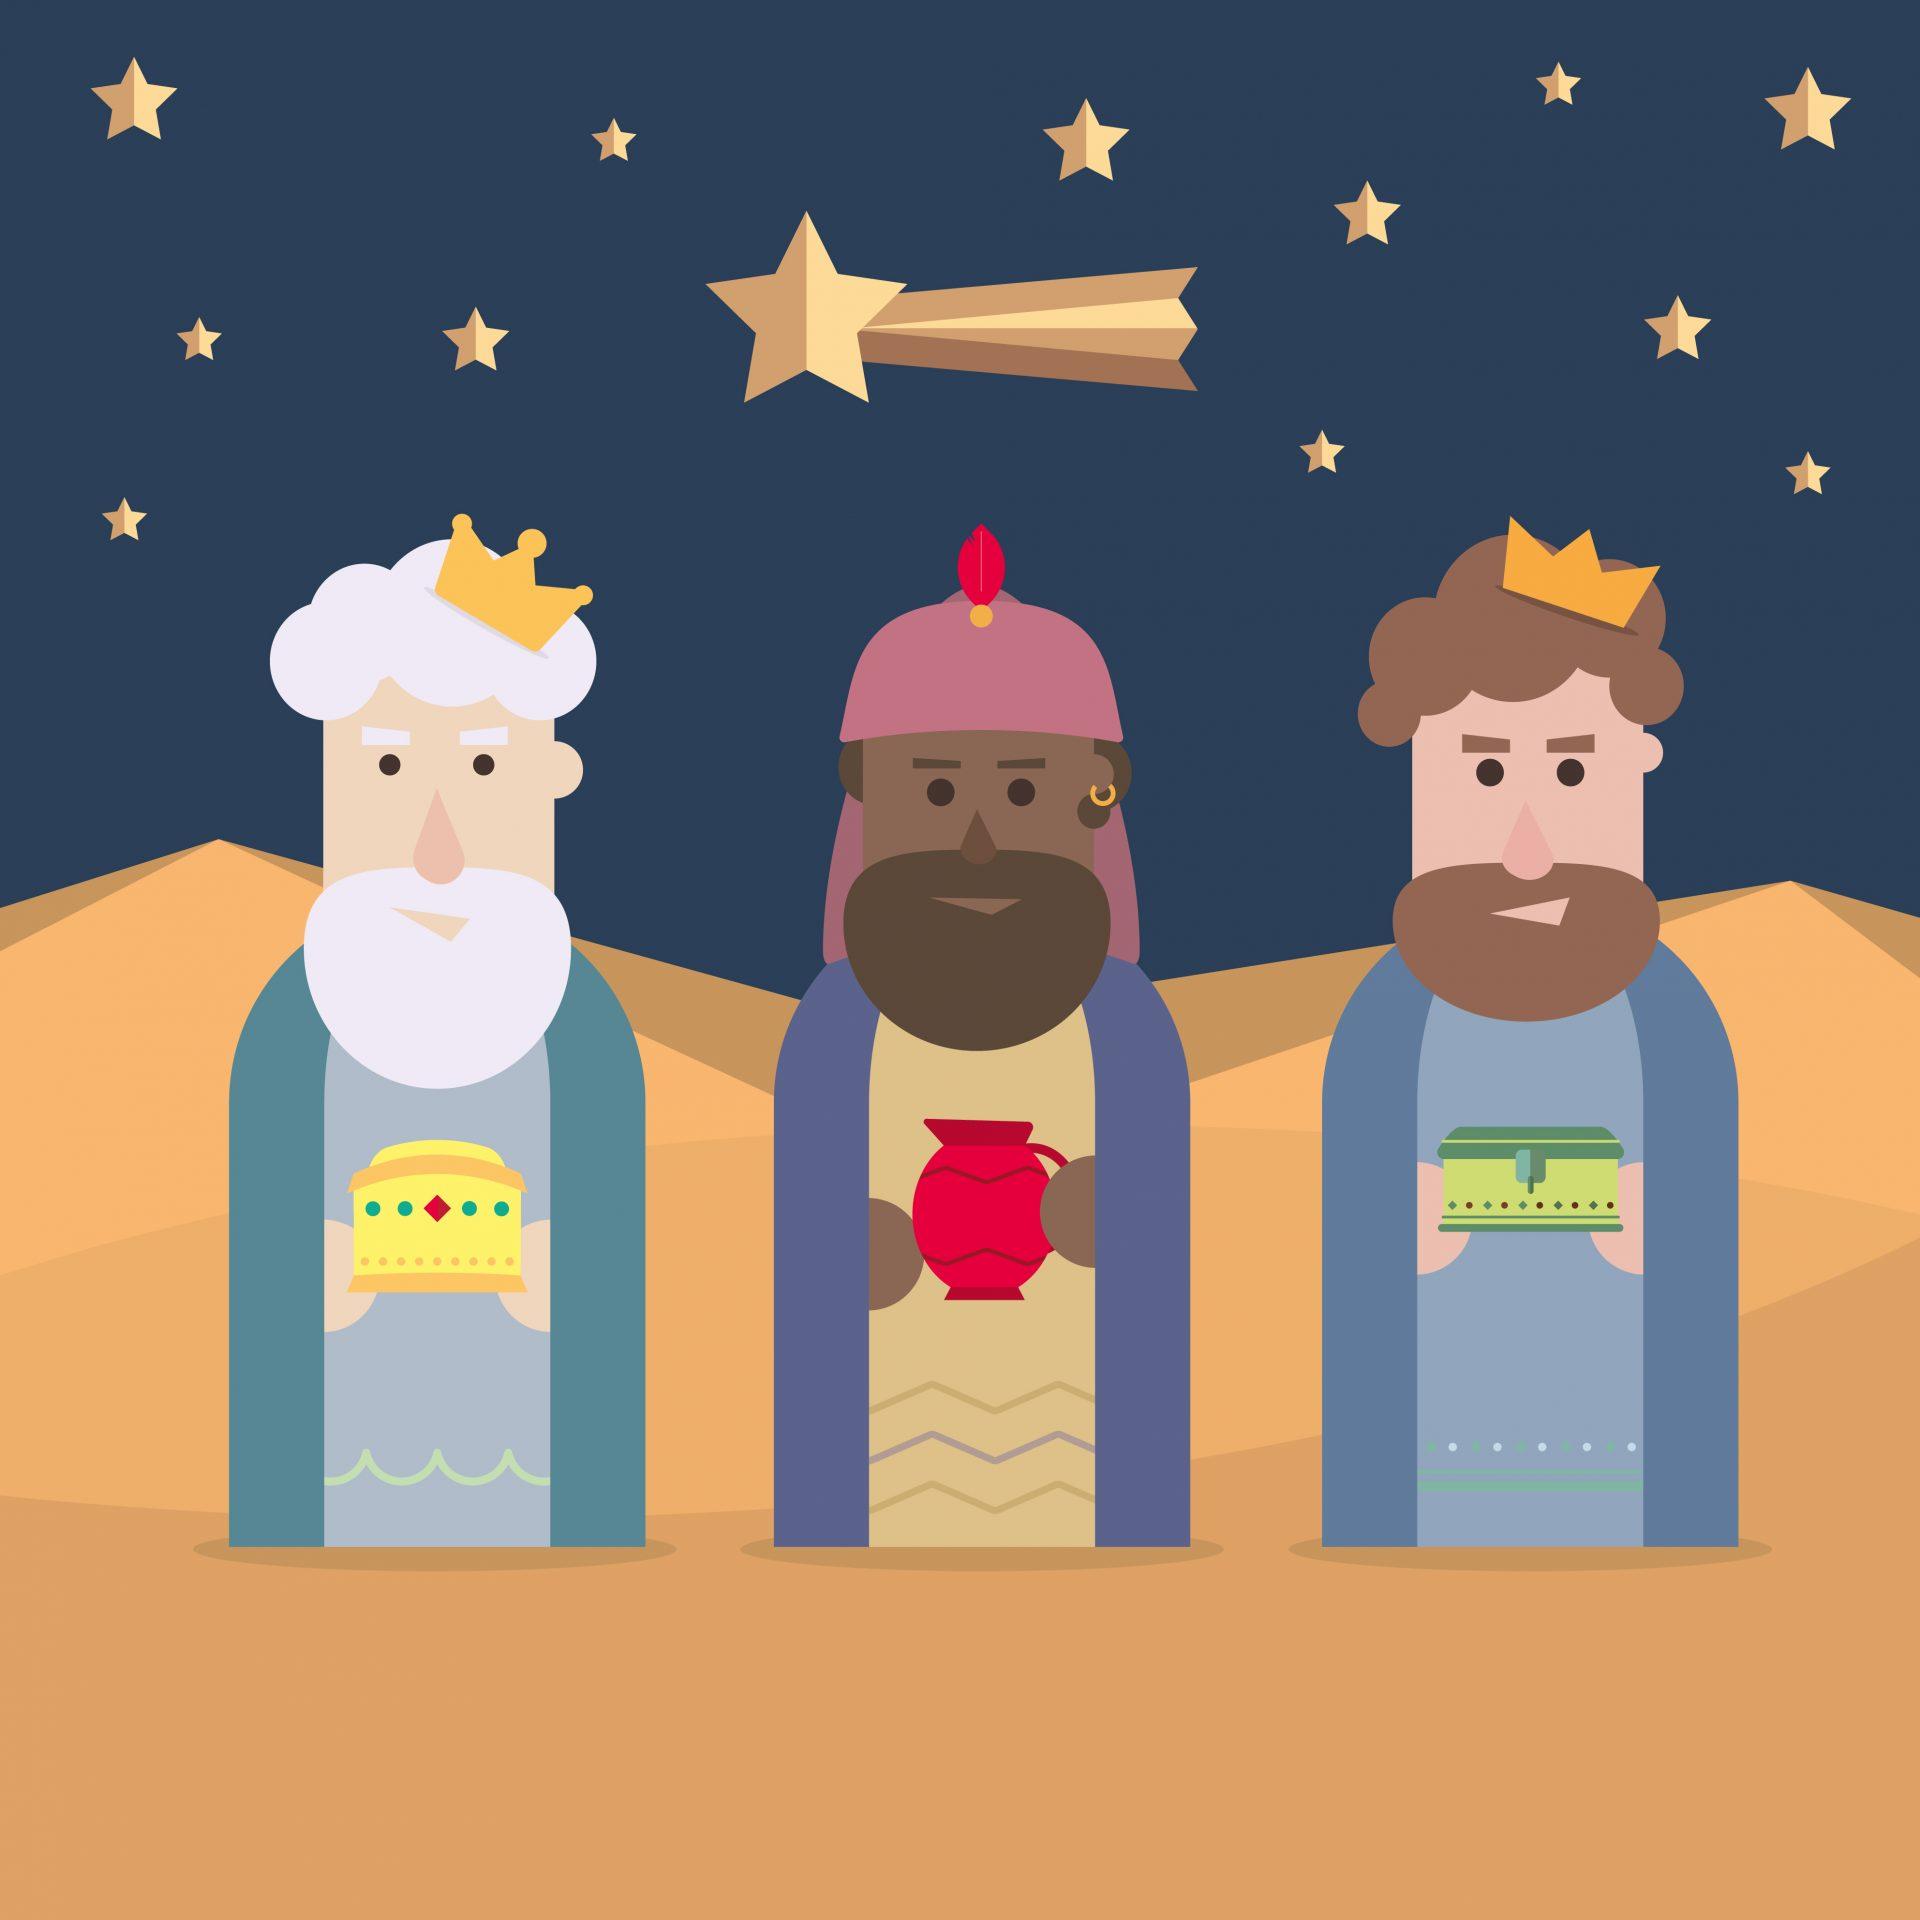 Bildquelle Plusoneshutterstockcom: Die Heiligen Drei Könige